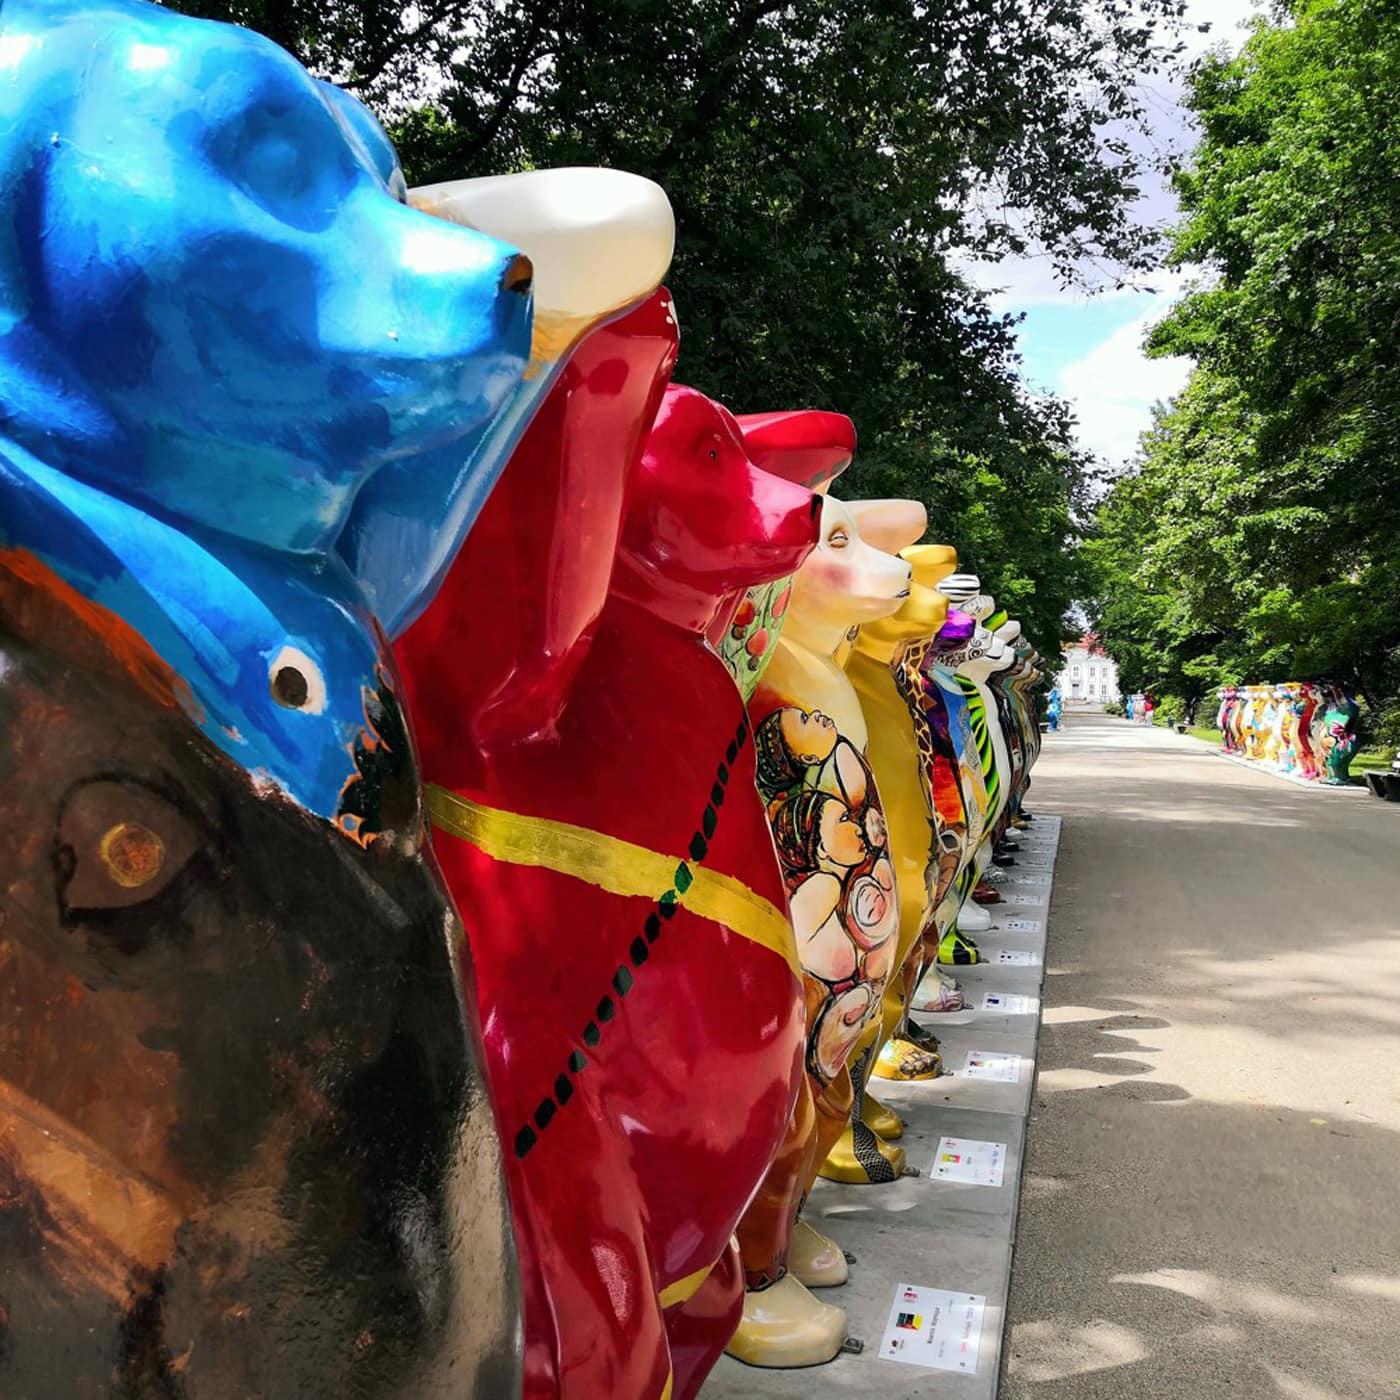 Ausflug am Sommerwochenende: United Buddy Bears Ausstellung im Tierpark Berlin // HIMBEER